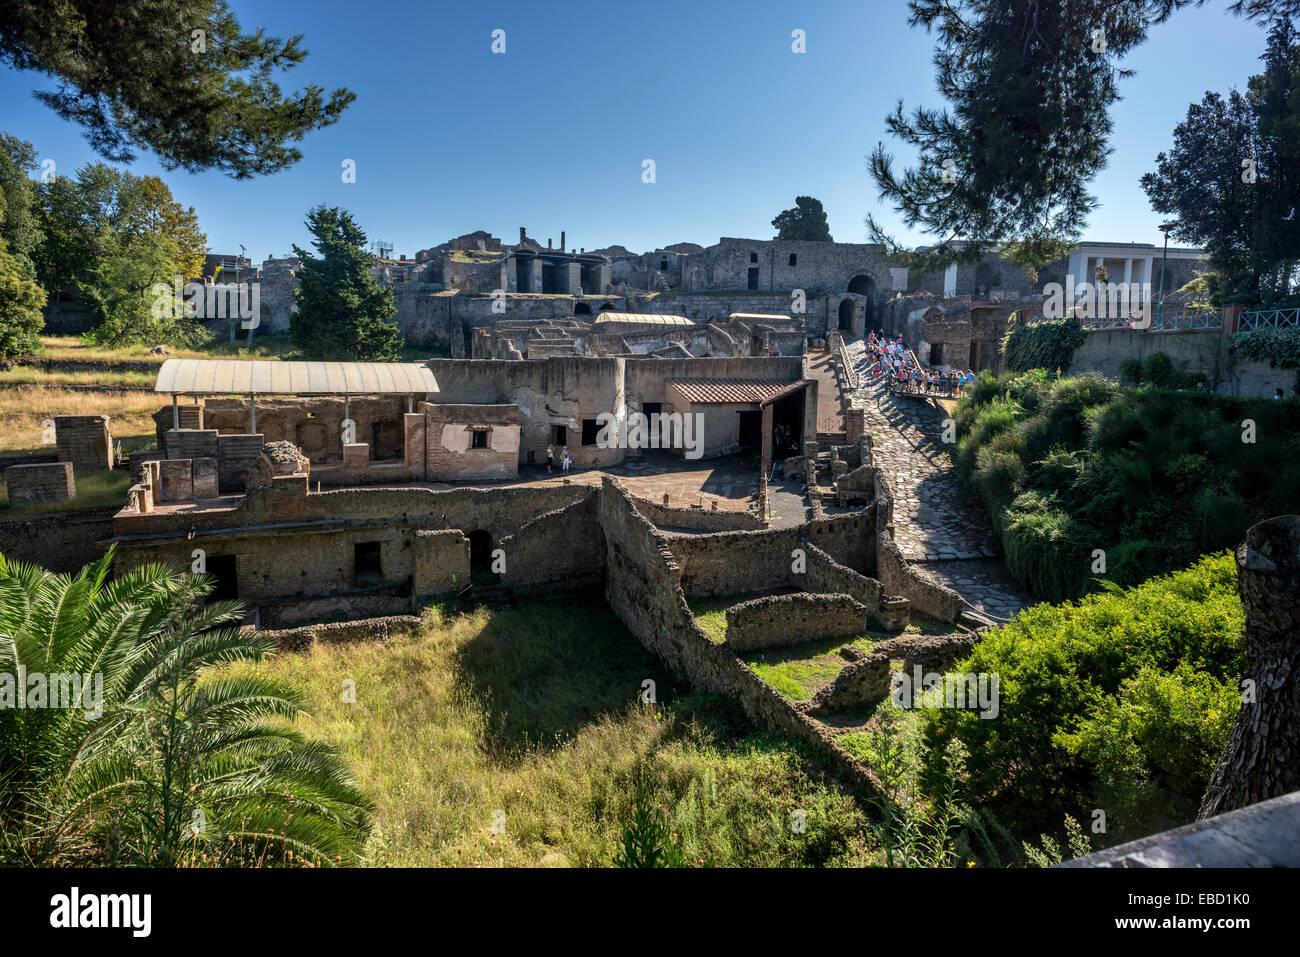 L'ancienne ville abandonnée de Pompéi, dans la baie de Naples. Photo Stock